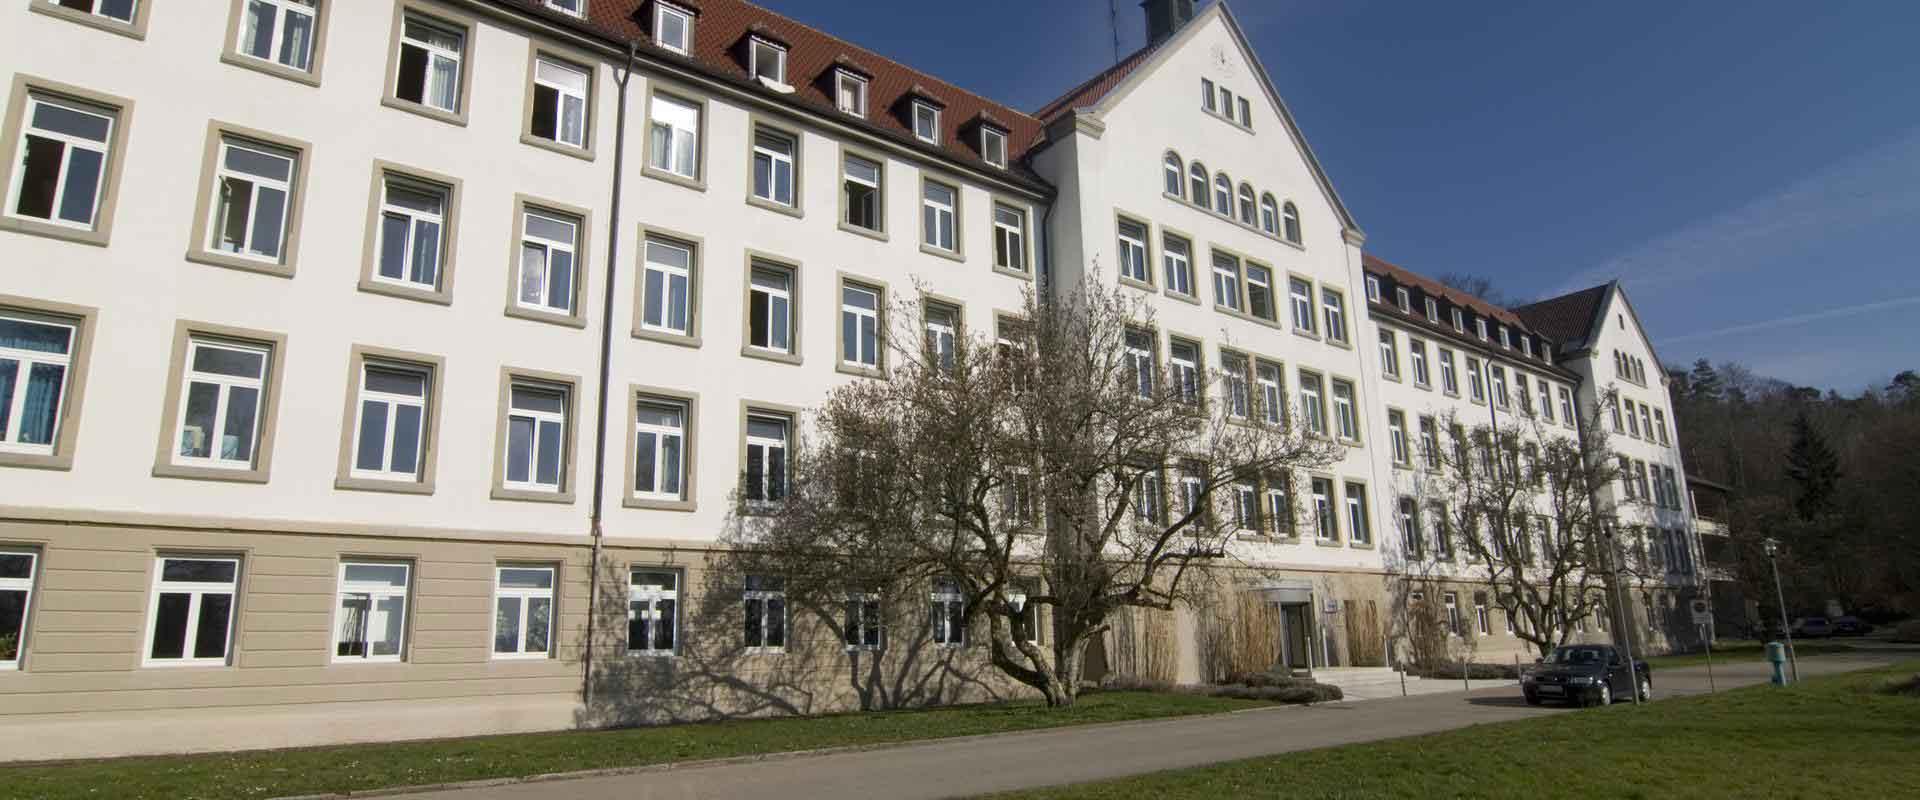 MEDIAN Klinik Wilhelmsheim Außenansicht